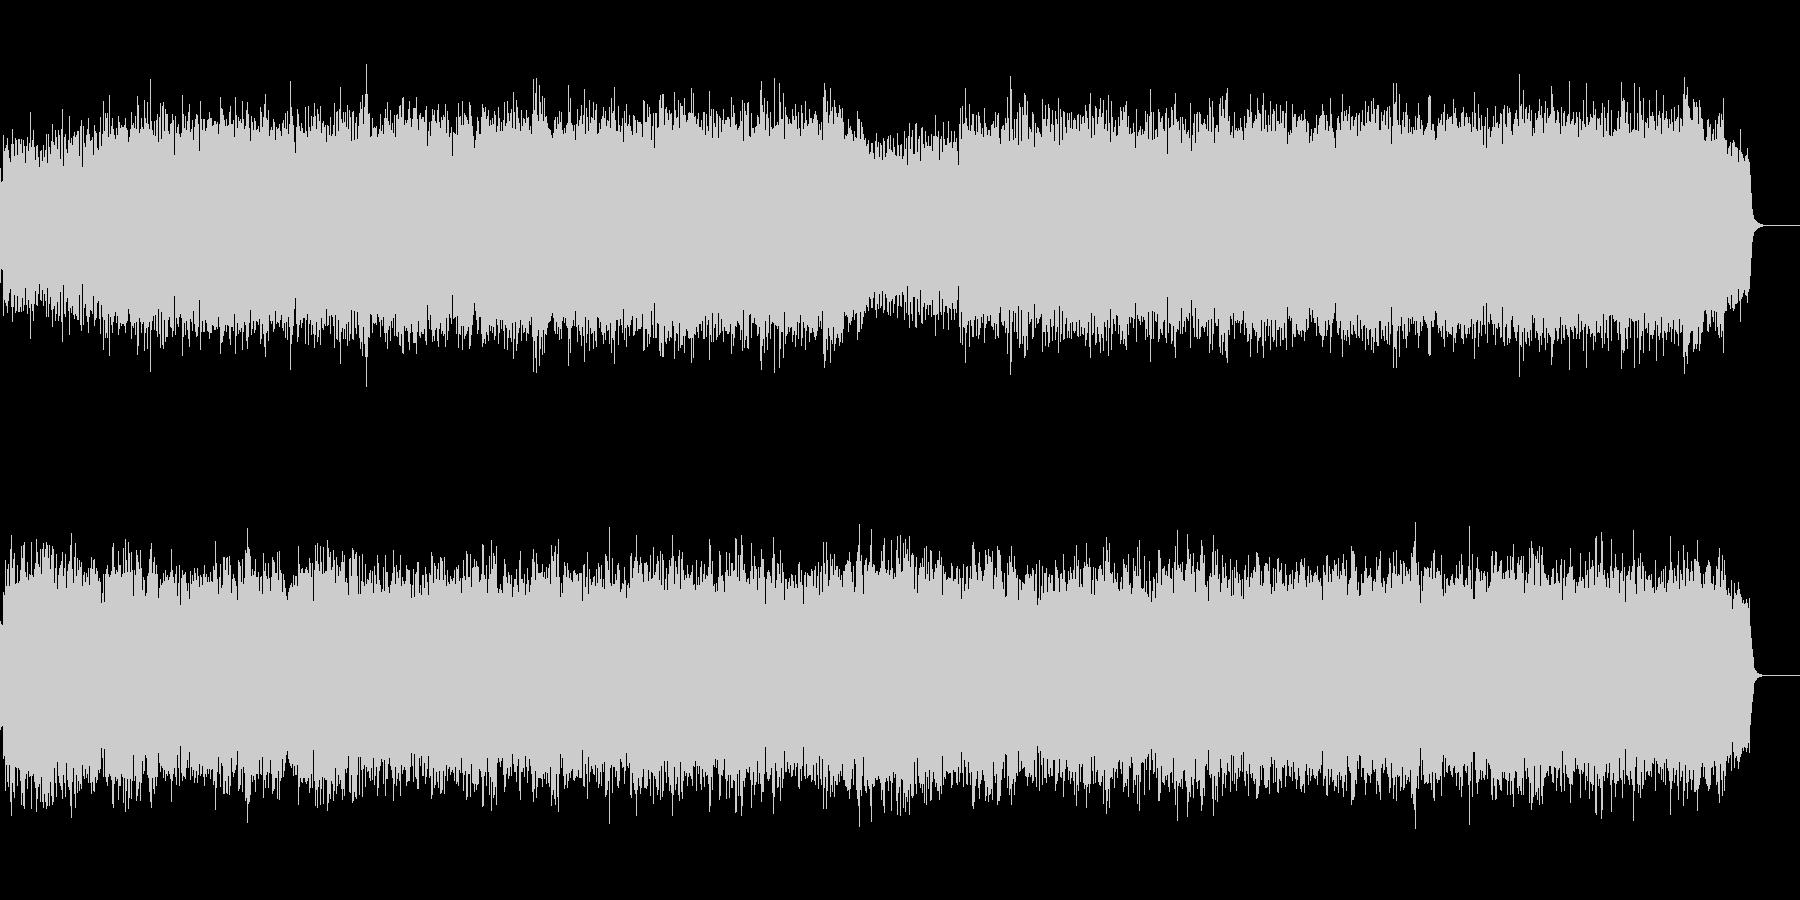 和風オーケストラのバトル/戦闘BGMの未再生の波形